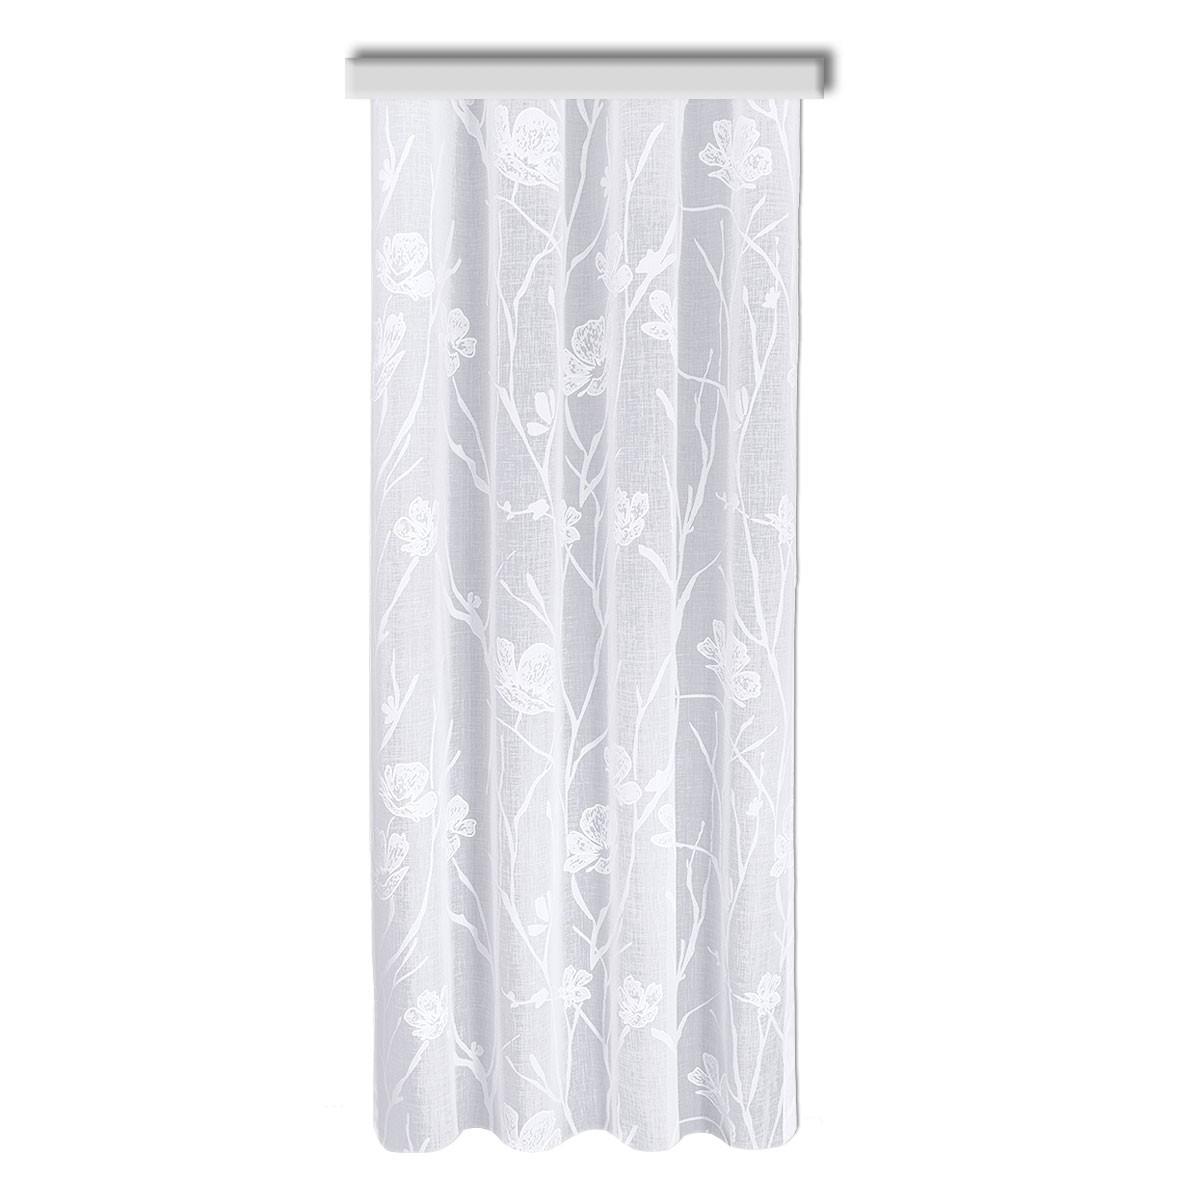 Reihband-Dekoschal Rory in weiß mit Blumen-Muster